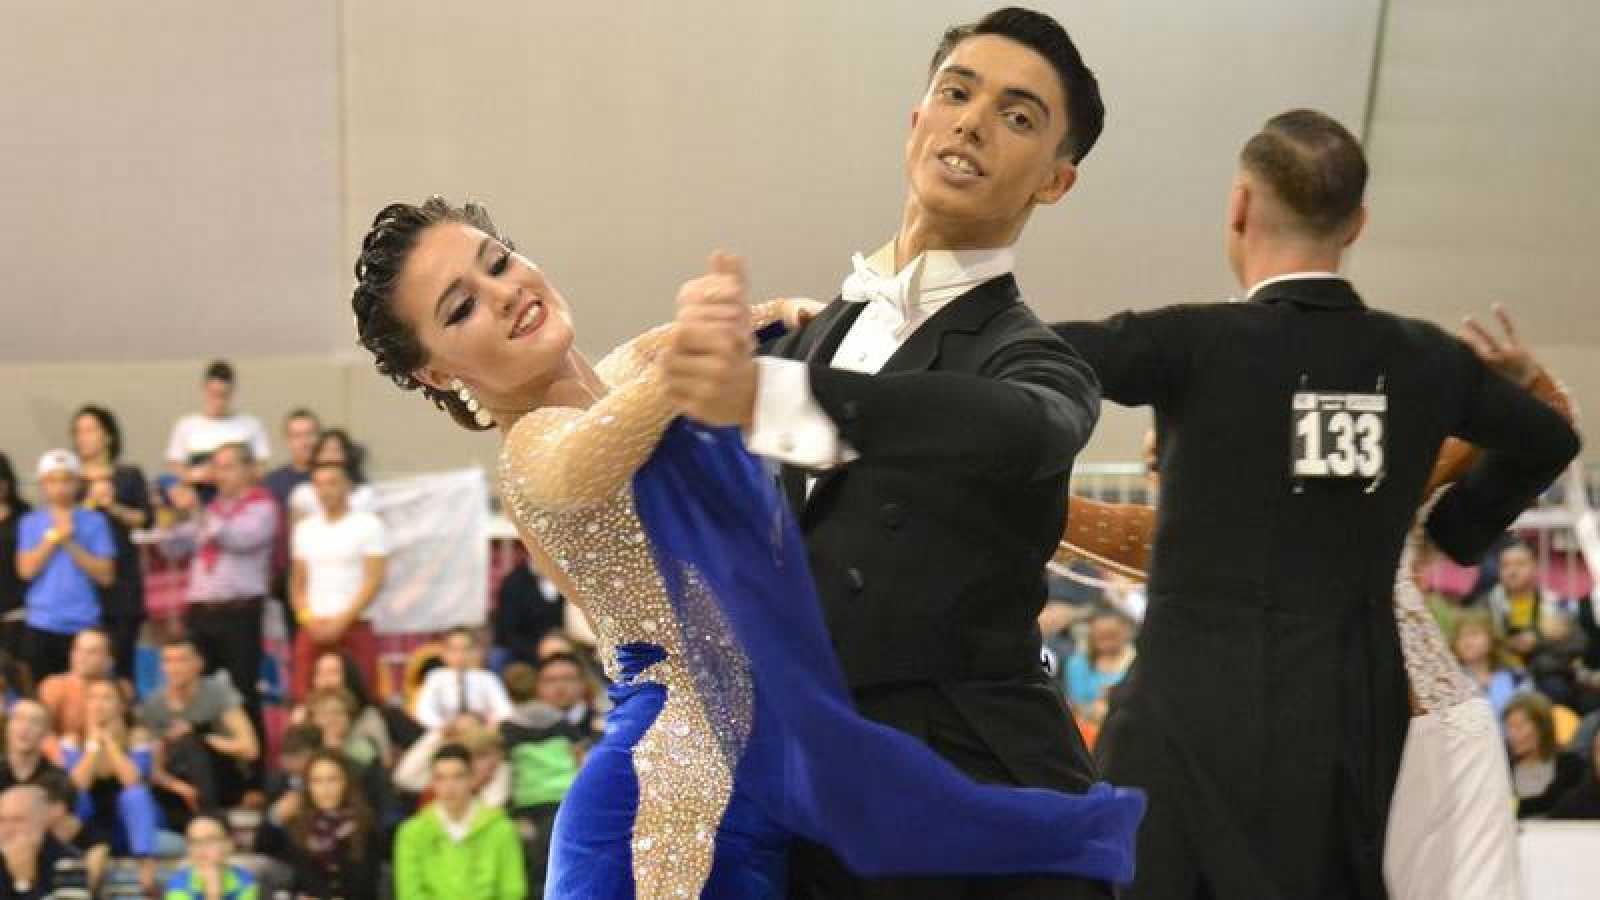 Una pareja baila en un campeonato de baile deportivo standard